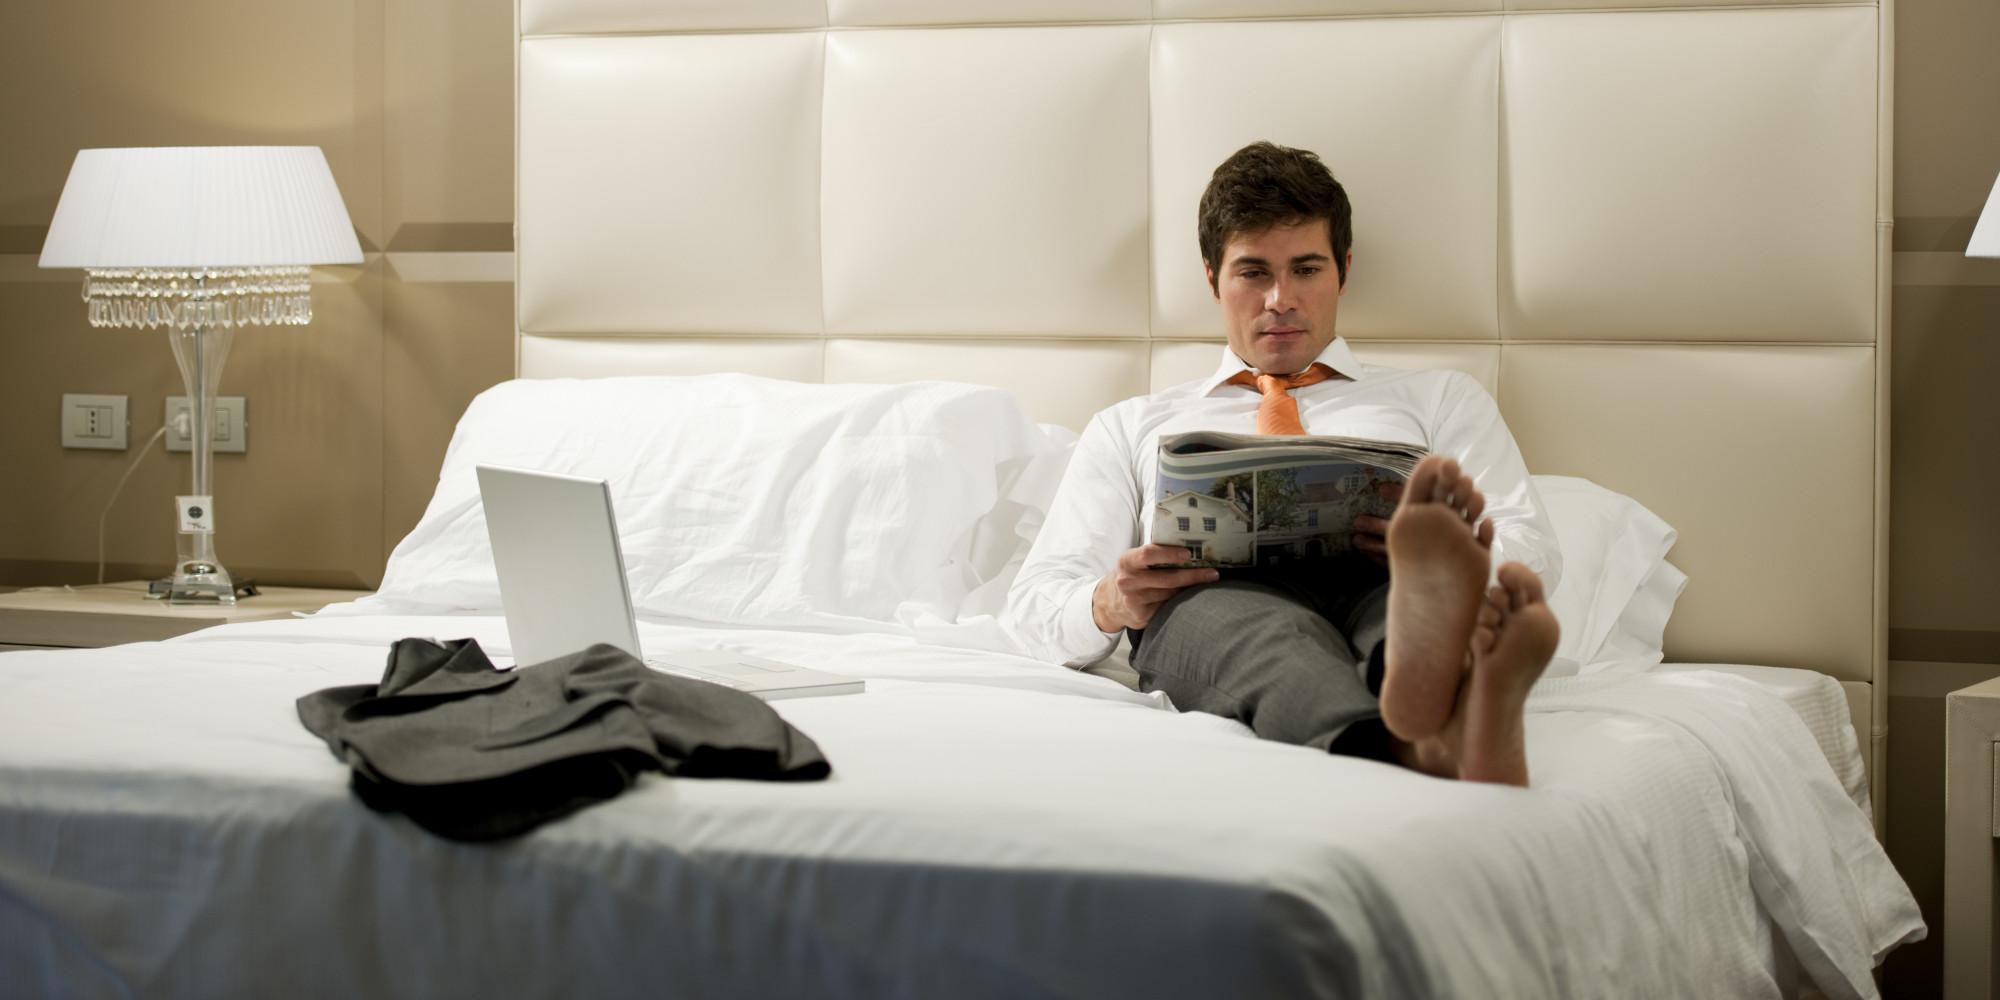 hotel room decor study reveals men more demanding than